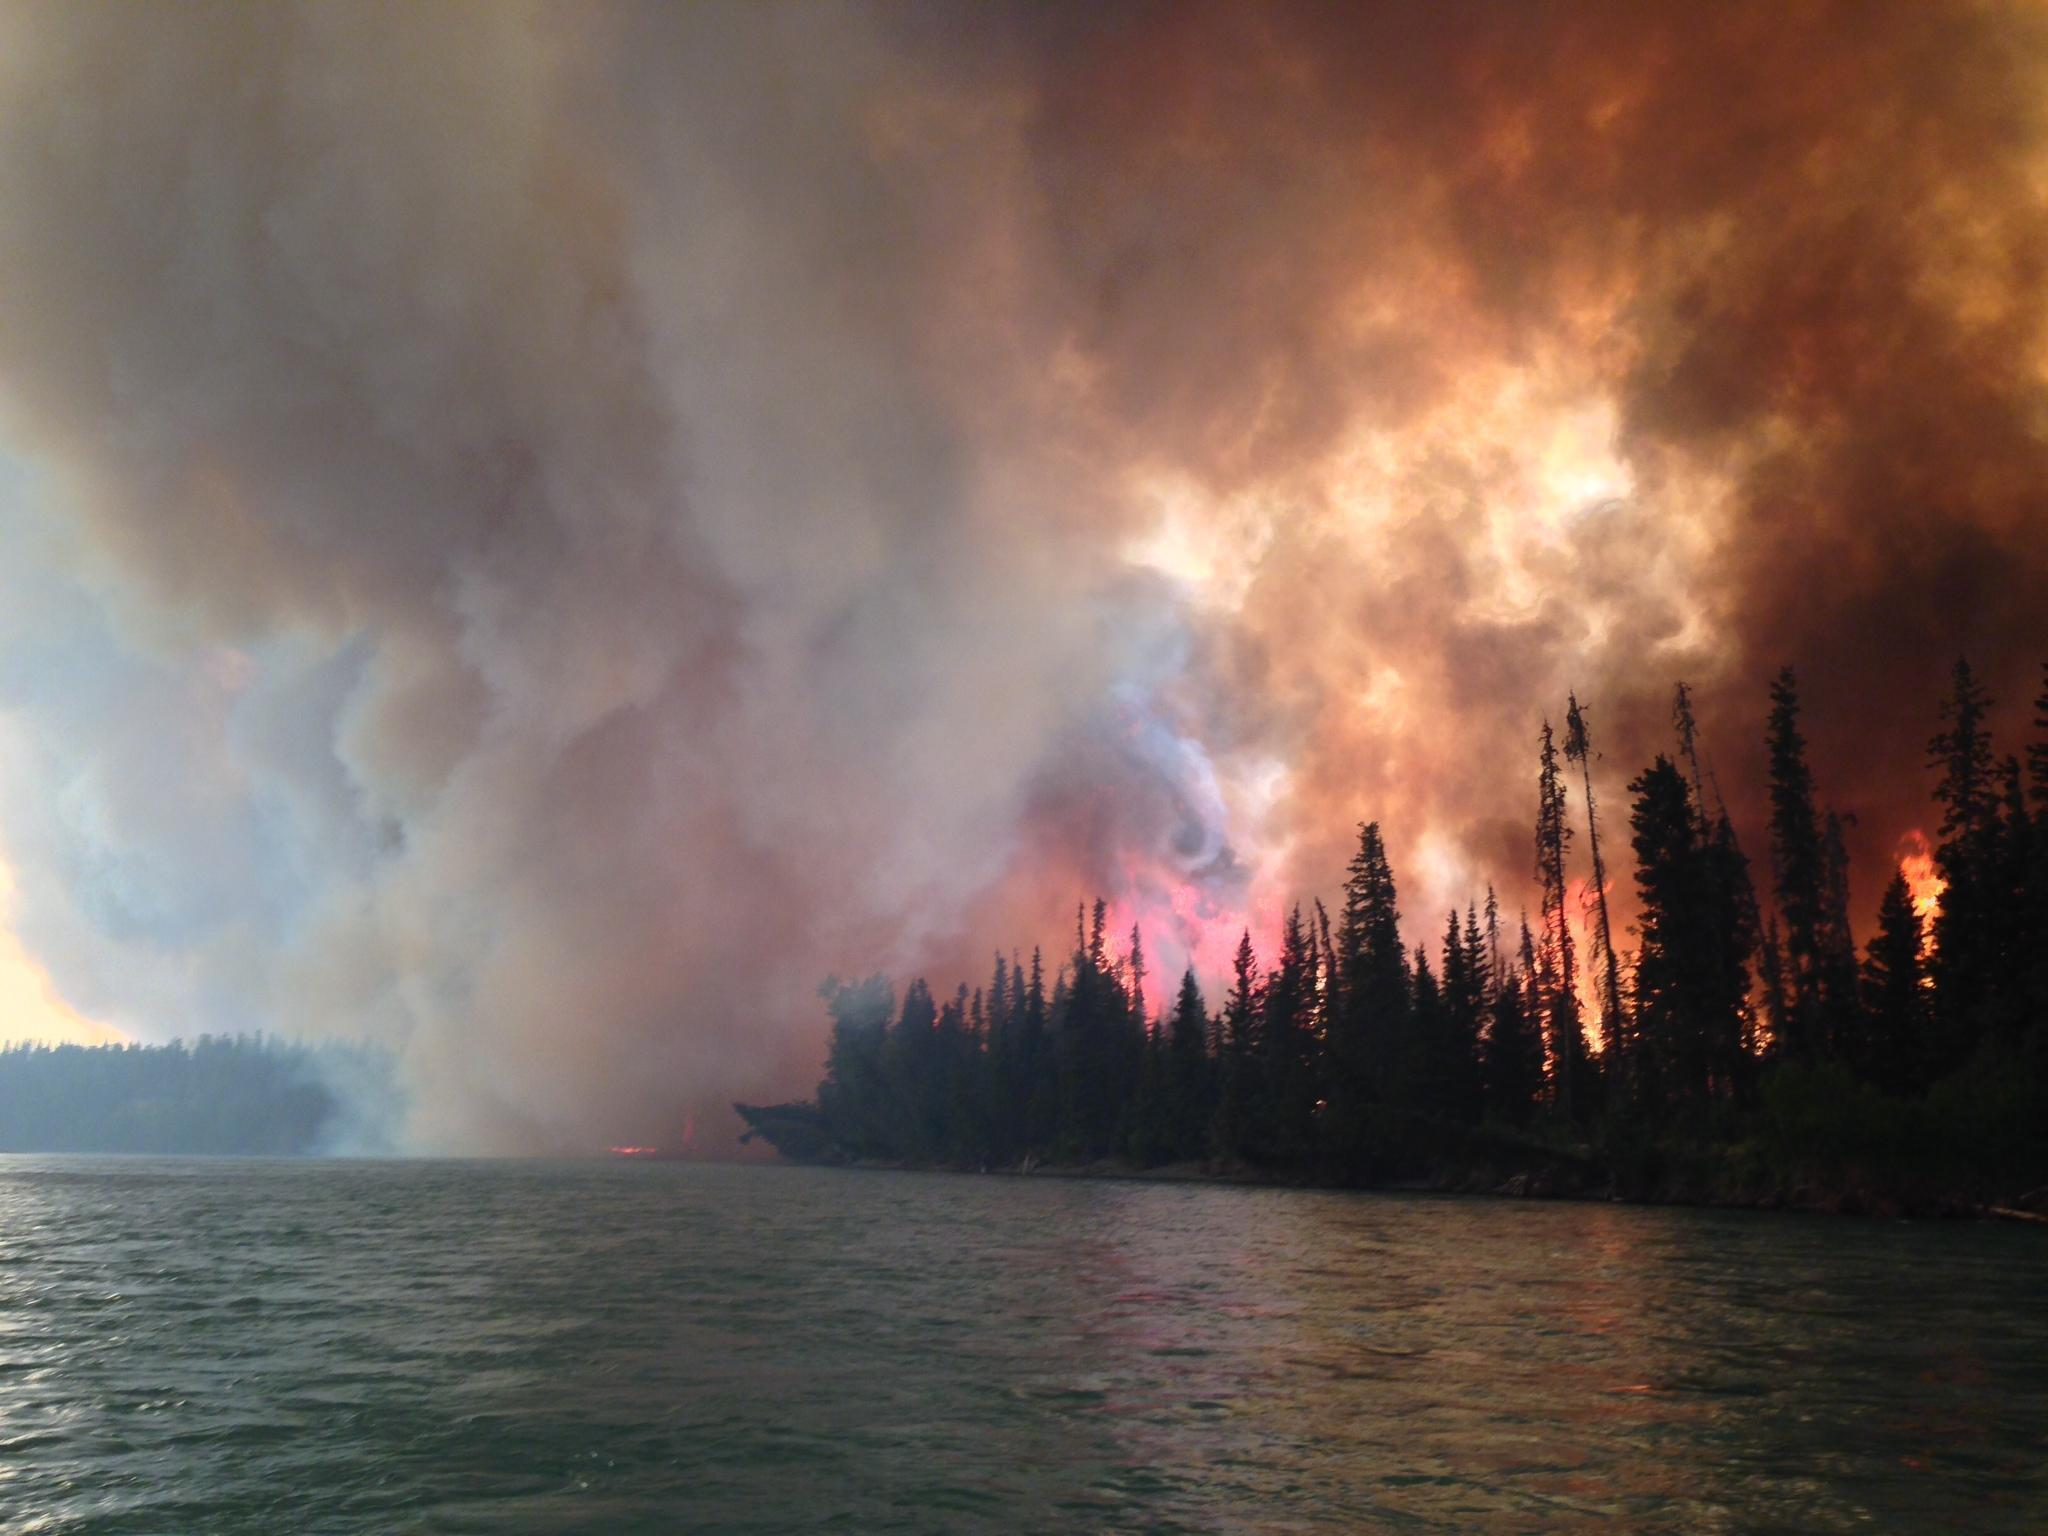 Một vụ cháy rừng tại Alaska, tiểu bang cực bắc nước Mỹ. Nhiều nghiên cứu cho thấy nạn cháy rừng tăng vọt liên quan đến Biến đổi khí hậu.